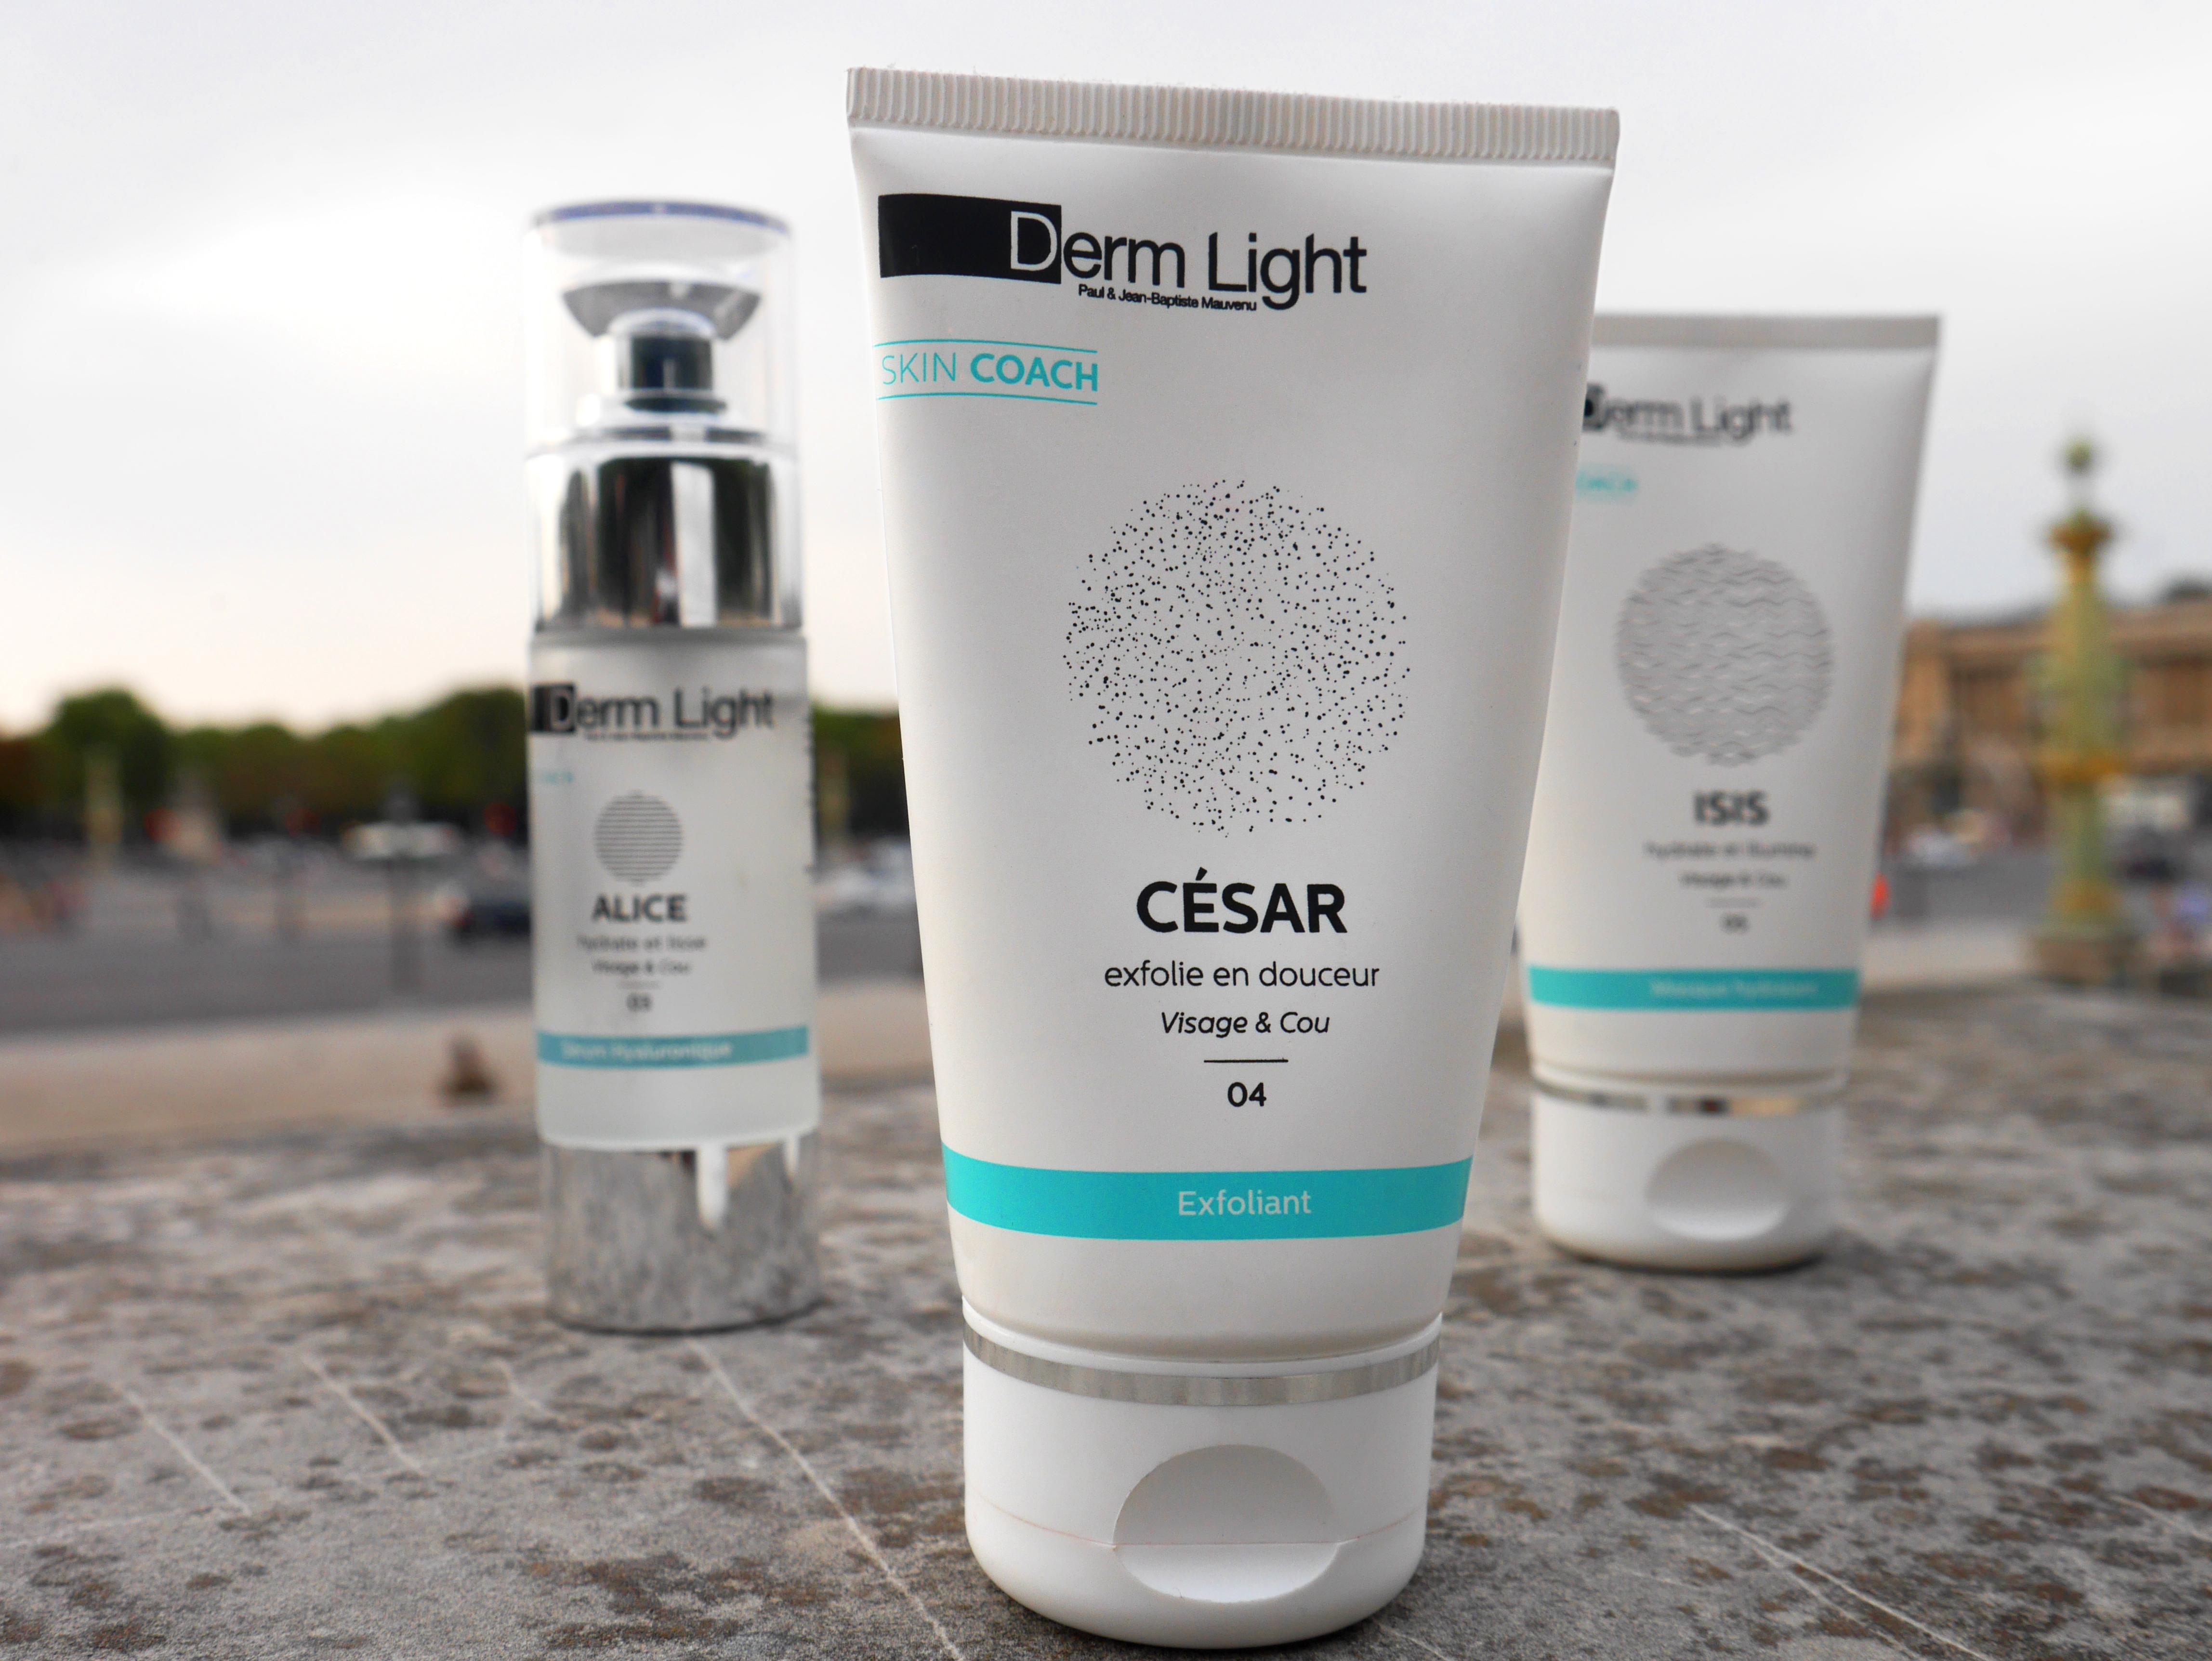 Mes trois essentiels beauté du visage Derm Light signés Dépil Tech : Isis, César et Alice